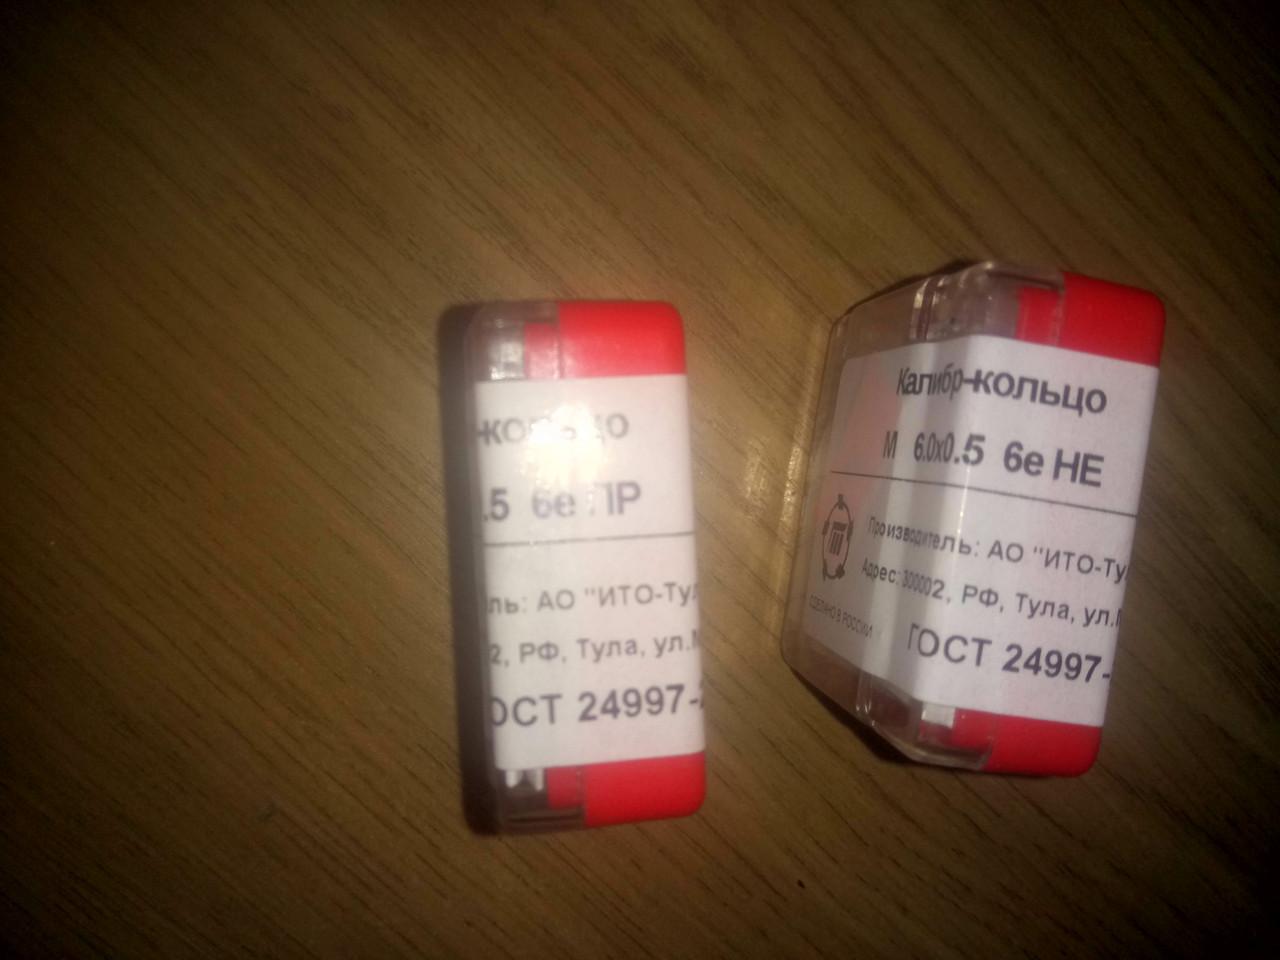 Калибр кольца для метрической резьбы М6х0,5 (  ПР-НЕ) 6е ;возможна калибровка в УкрЦСМ